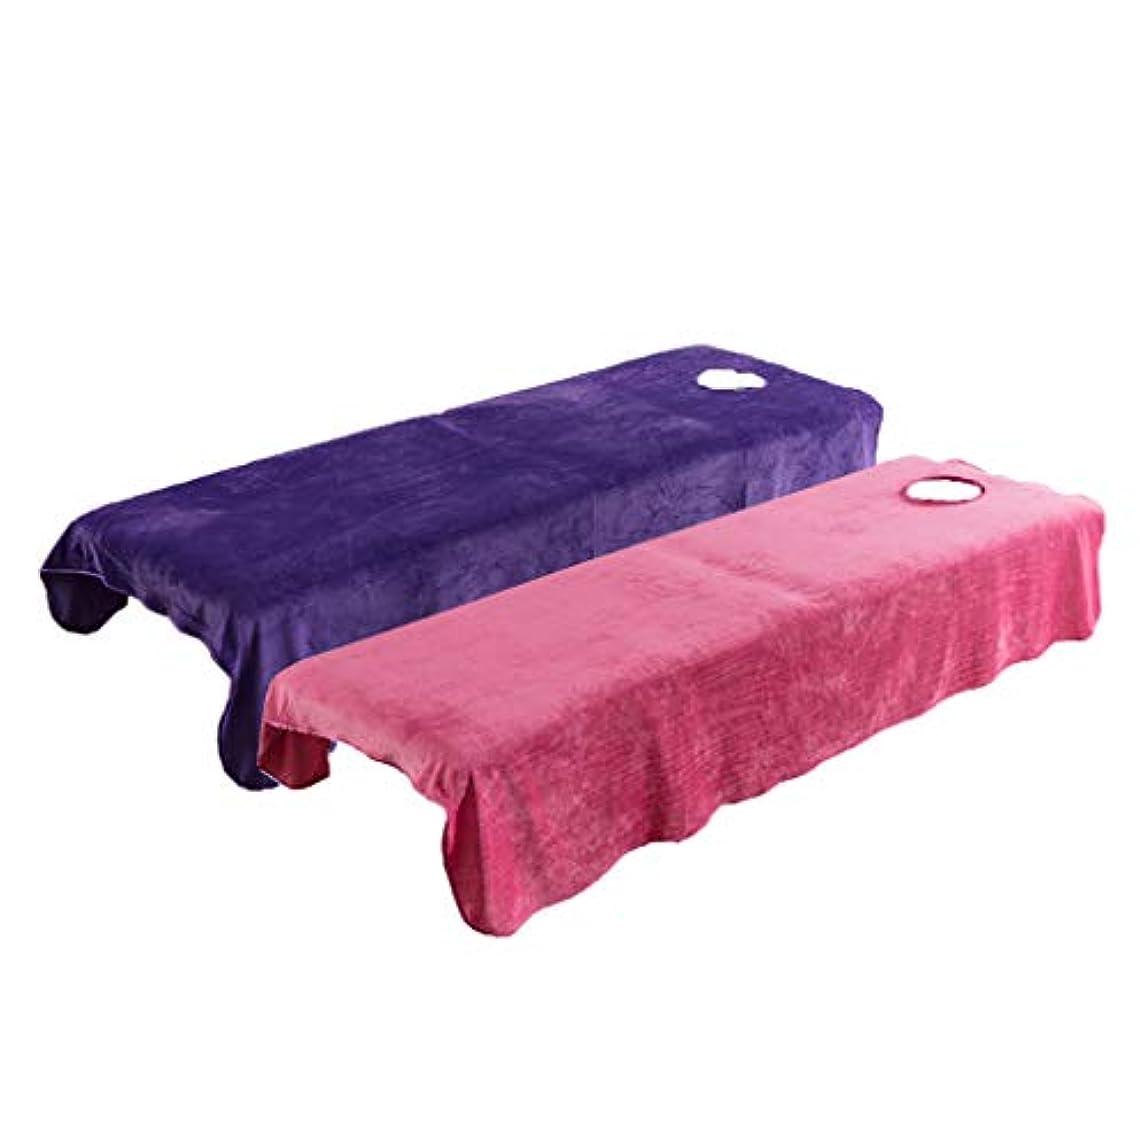 ヒール不調和本物KESOTO 2点セット マッサージベッドカバー 有孔 スパ 美容ベッドカバー クリスタルベルベット素材 120x190cm